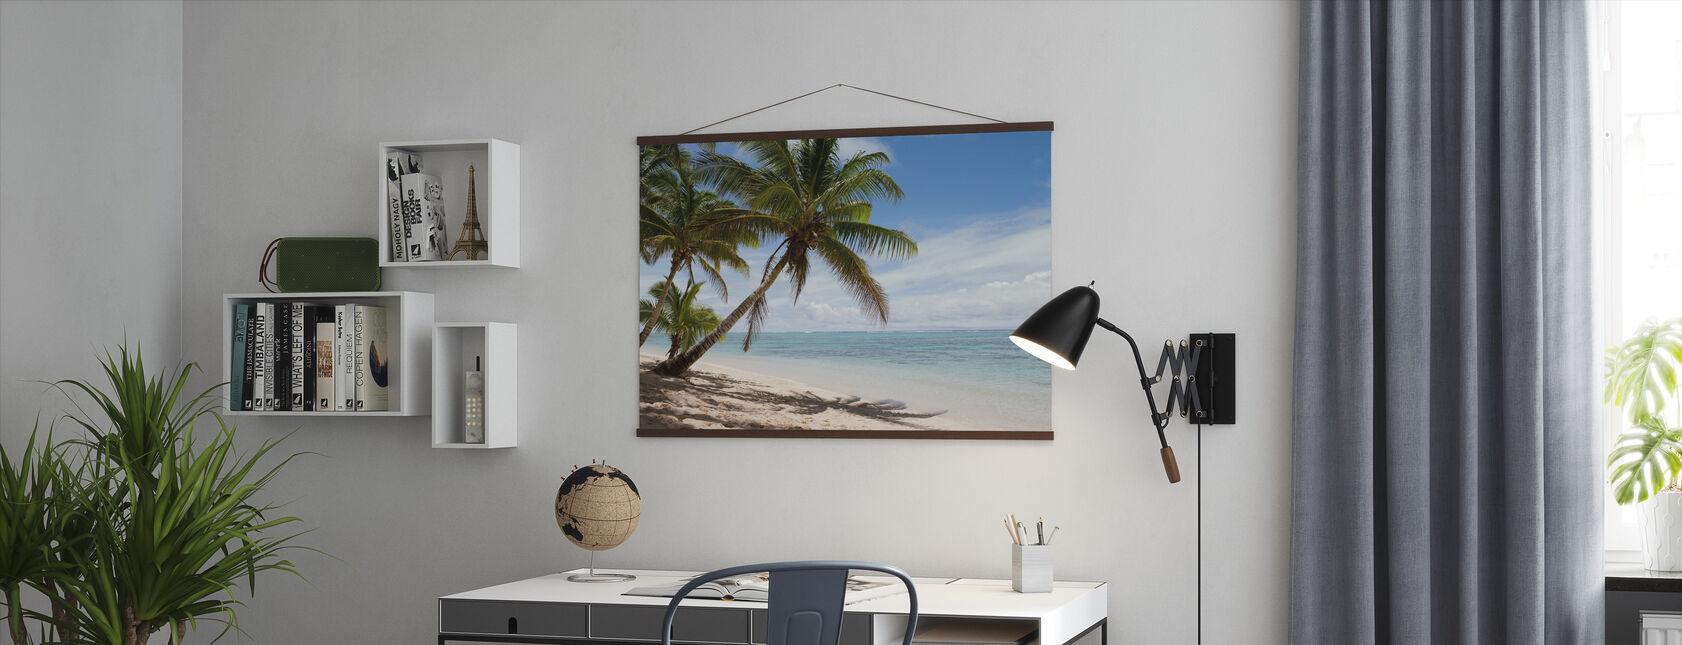 Tropisch strand - Poster - Kantoor